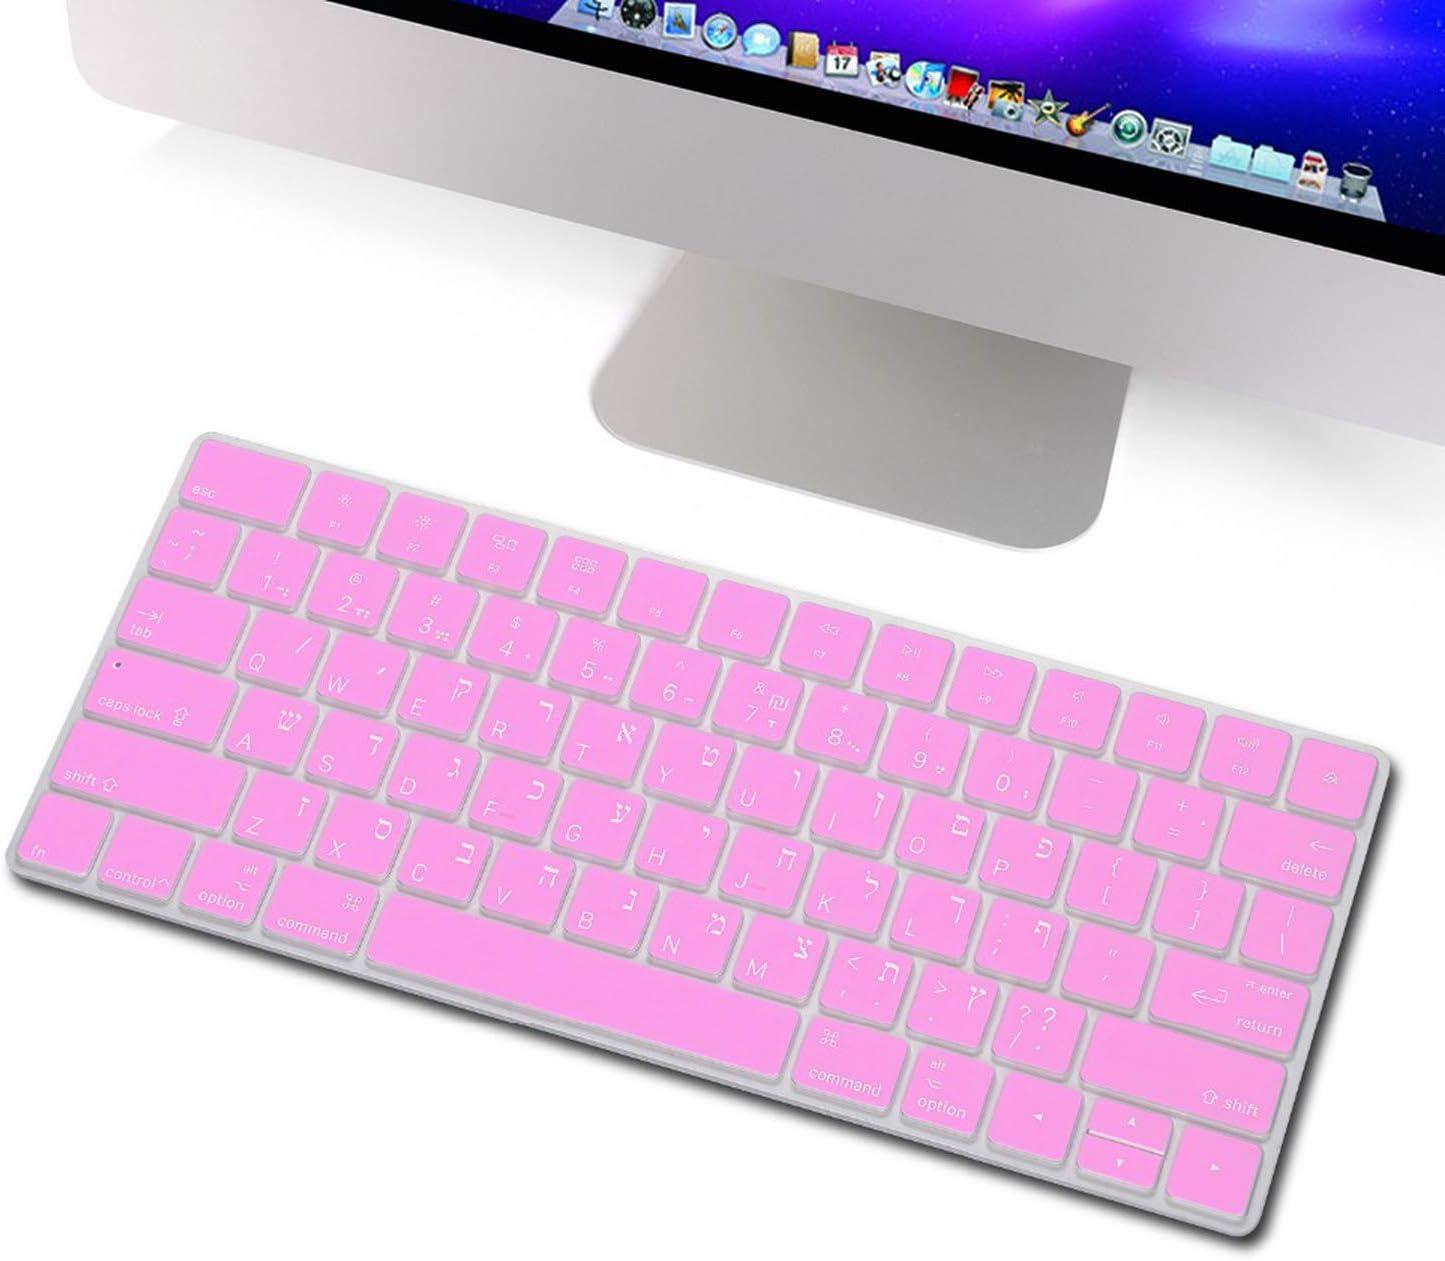 Keyboard Cover for Magic Keyboard Black Silicone Keyboard Skin for Wireless Magic Keyboard-One/_Color